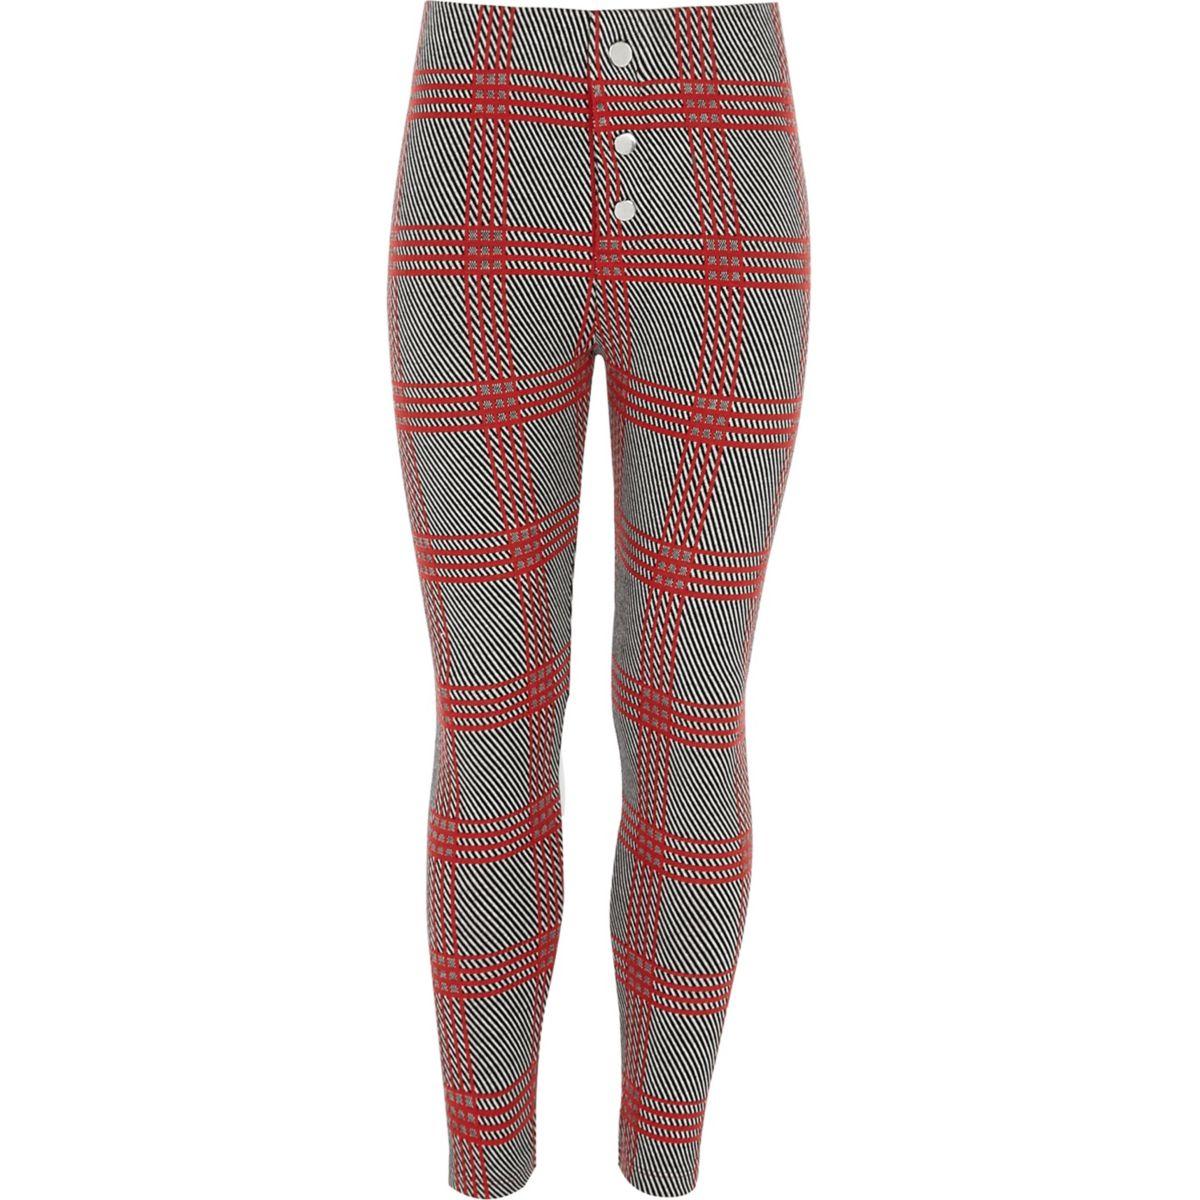 Girls red check leggings